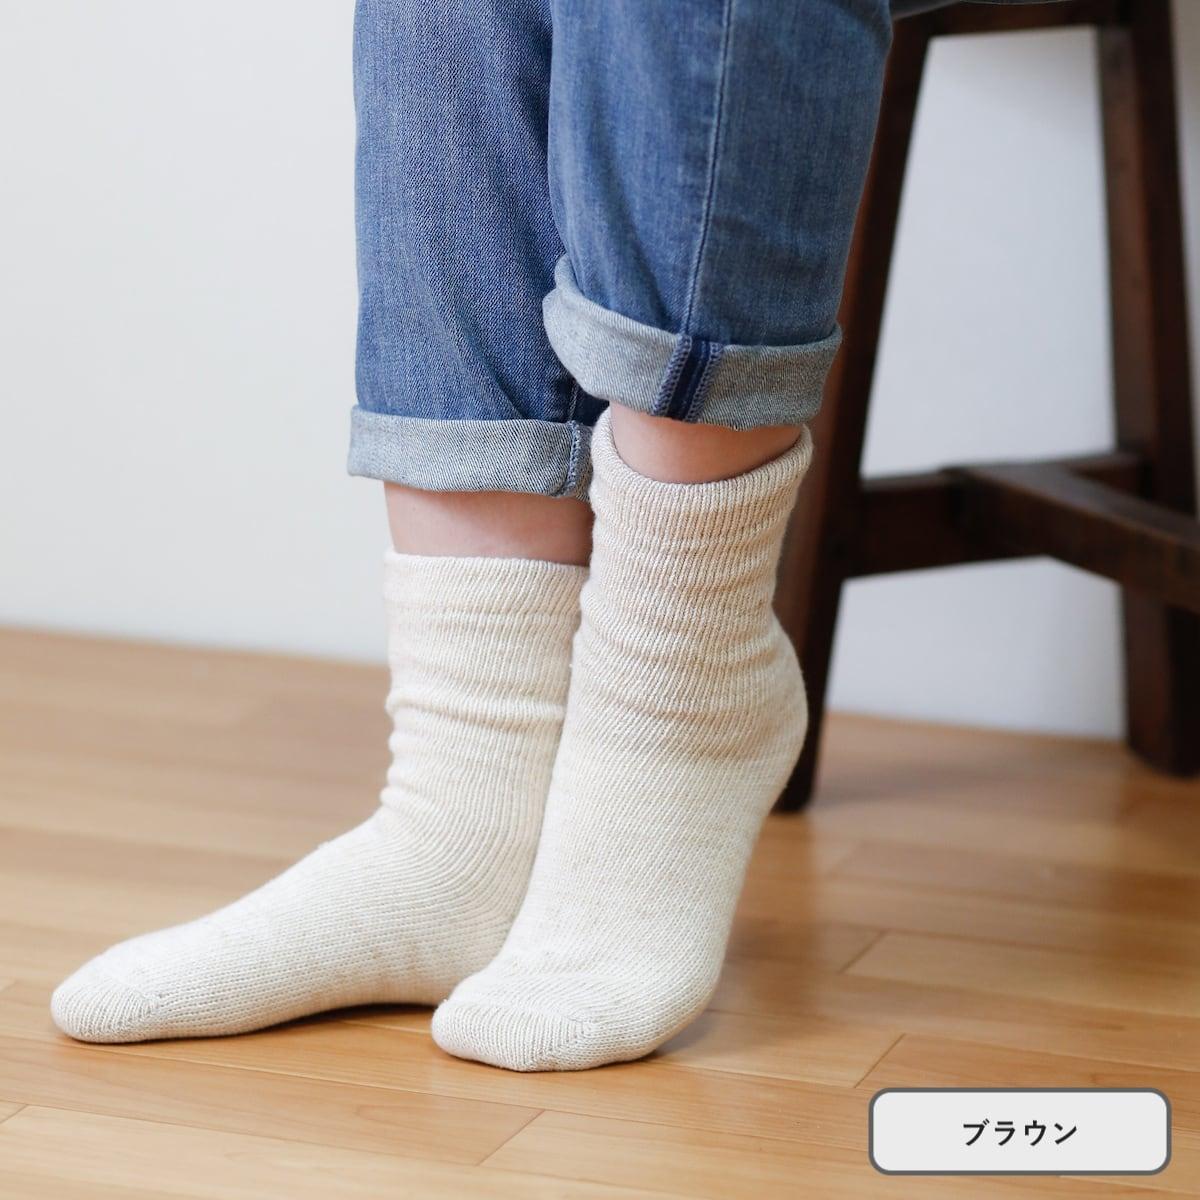 裏シルク(絹紡糸)2重編みルームソックス メンズ